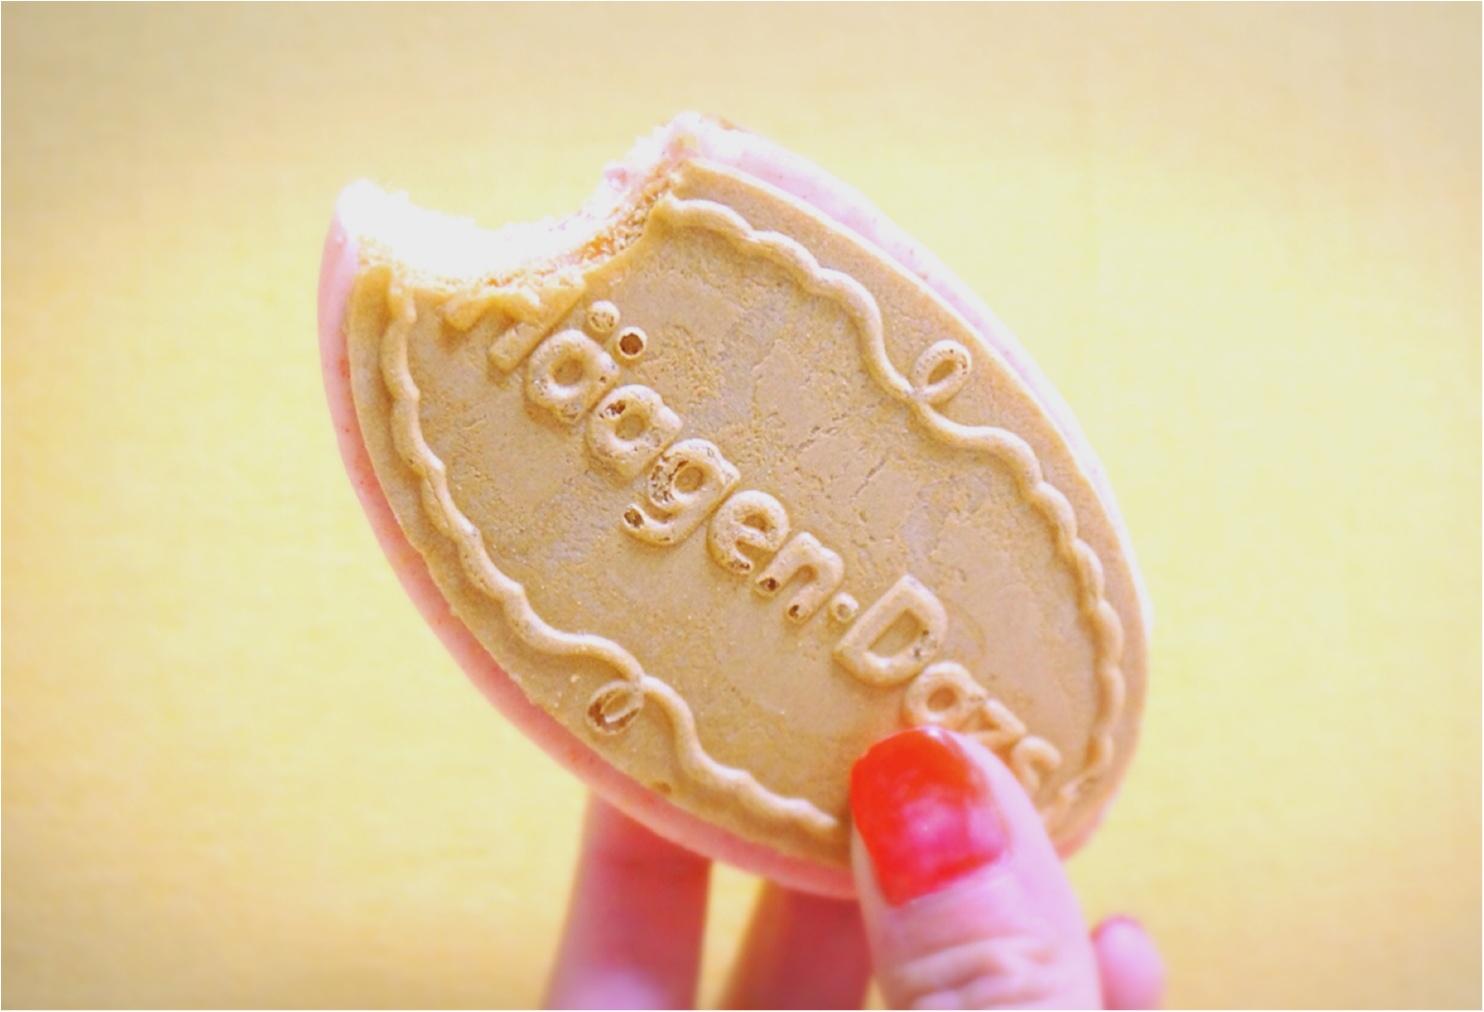 """濃厚チーズに甘さがキュン❤️【ハーゲンダッツ】の《新作クリスピーサンド》は冬にぴったりな""""幸せの味""""❤️_6"""